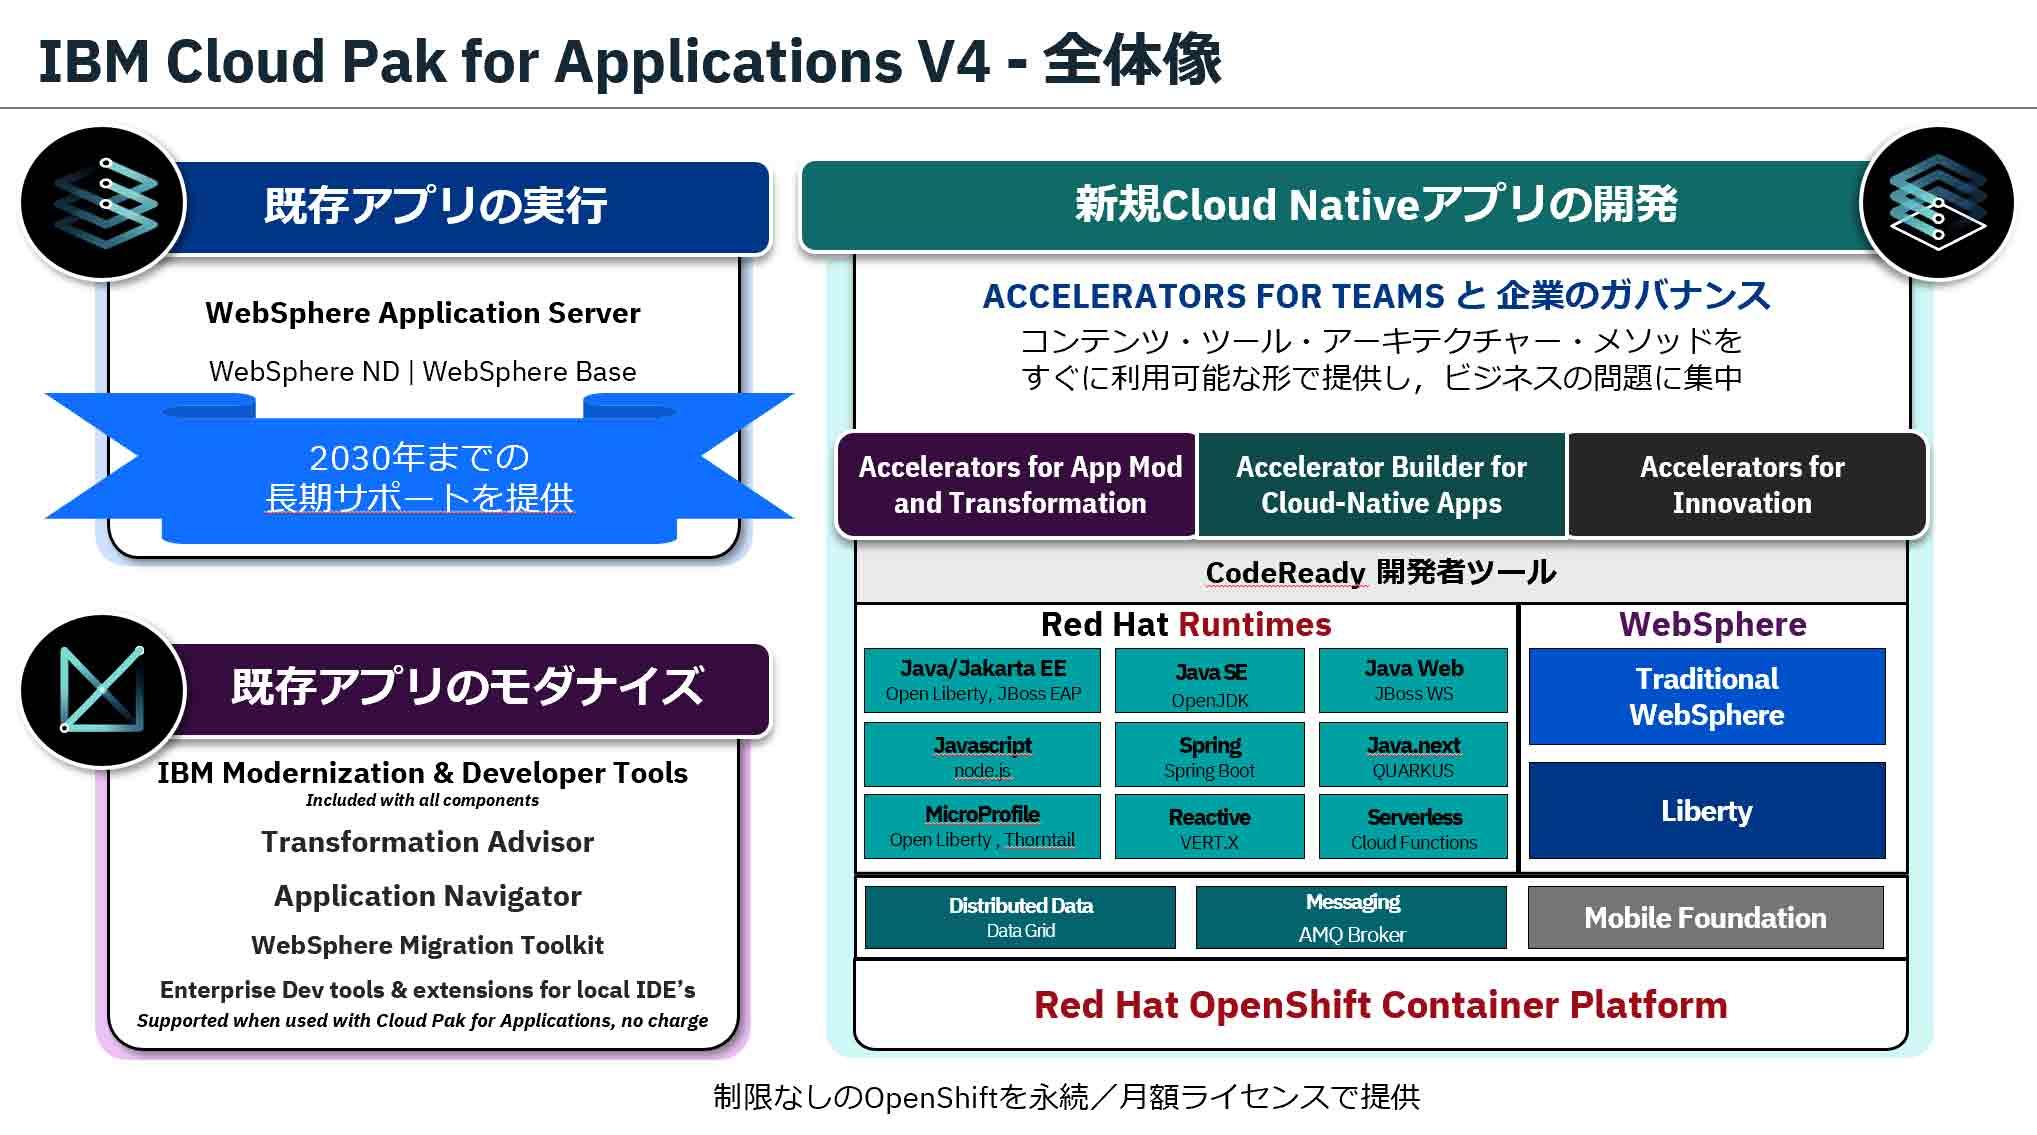 IBM Cloud Pak for Applications V4 - 全体像